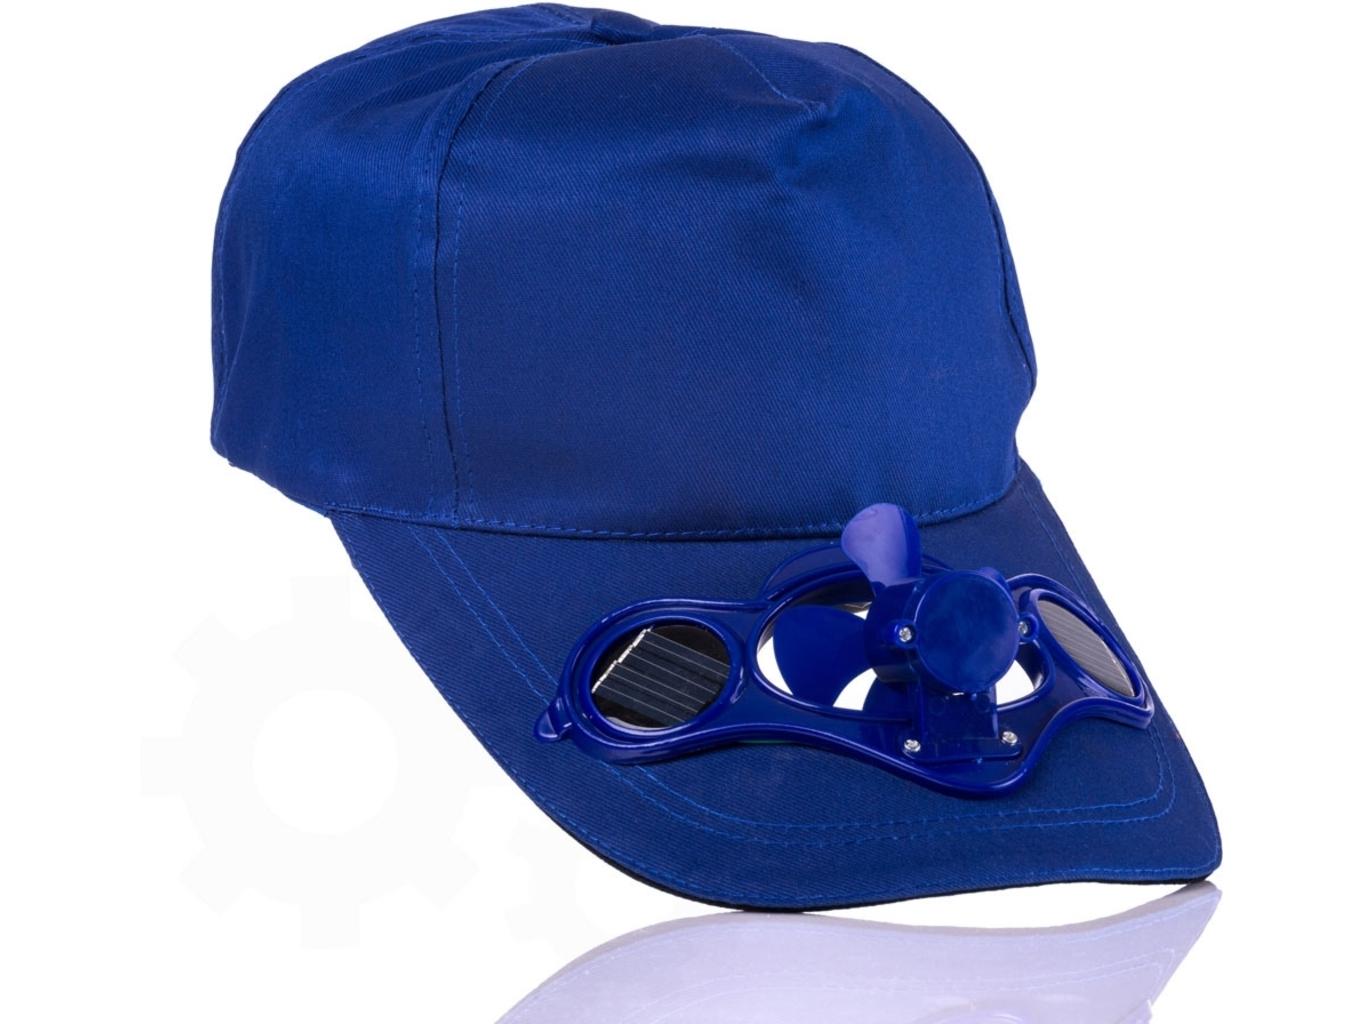 Solární čepice s větráčkem - Modrá